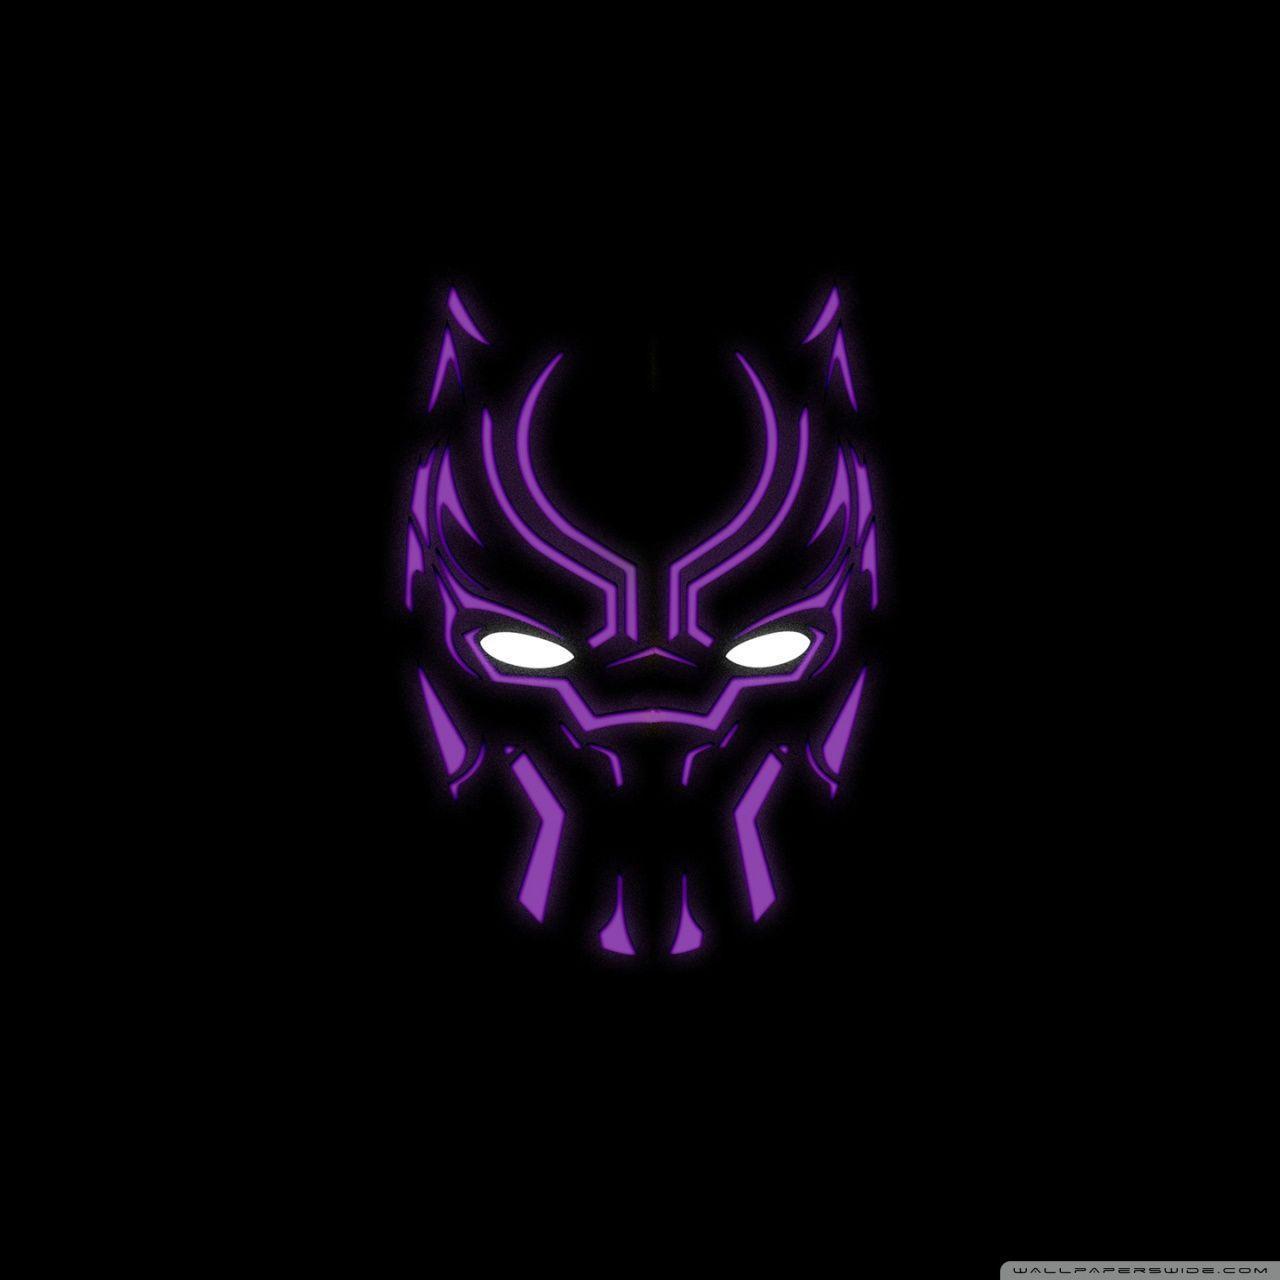 Black Panther Logo Wallpapers - Top Free Black Panther ...